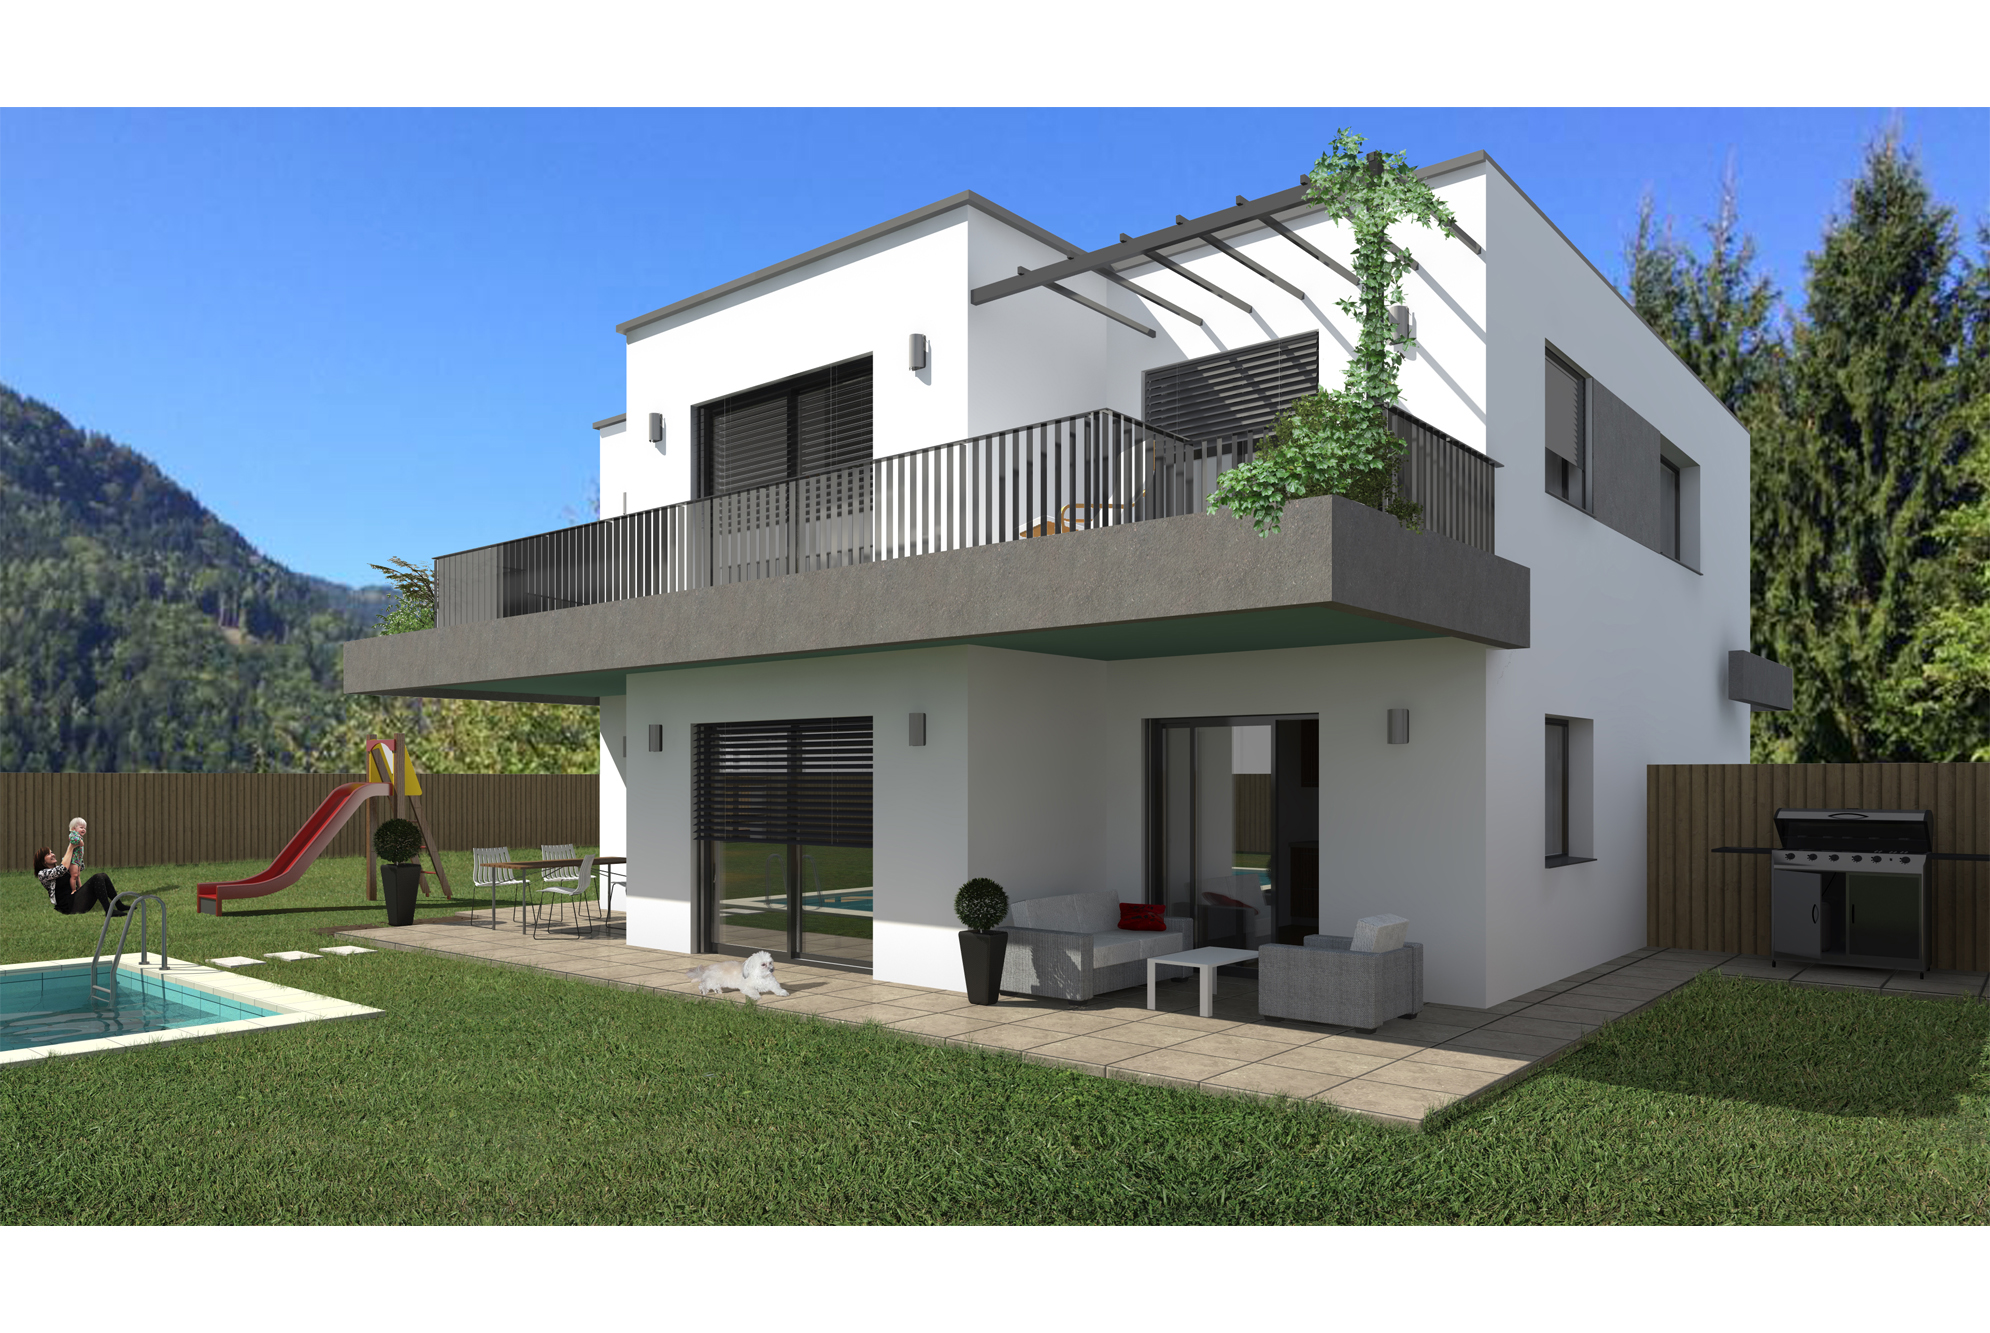 Einfamilienhaus Gebäudevisualisierung